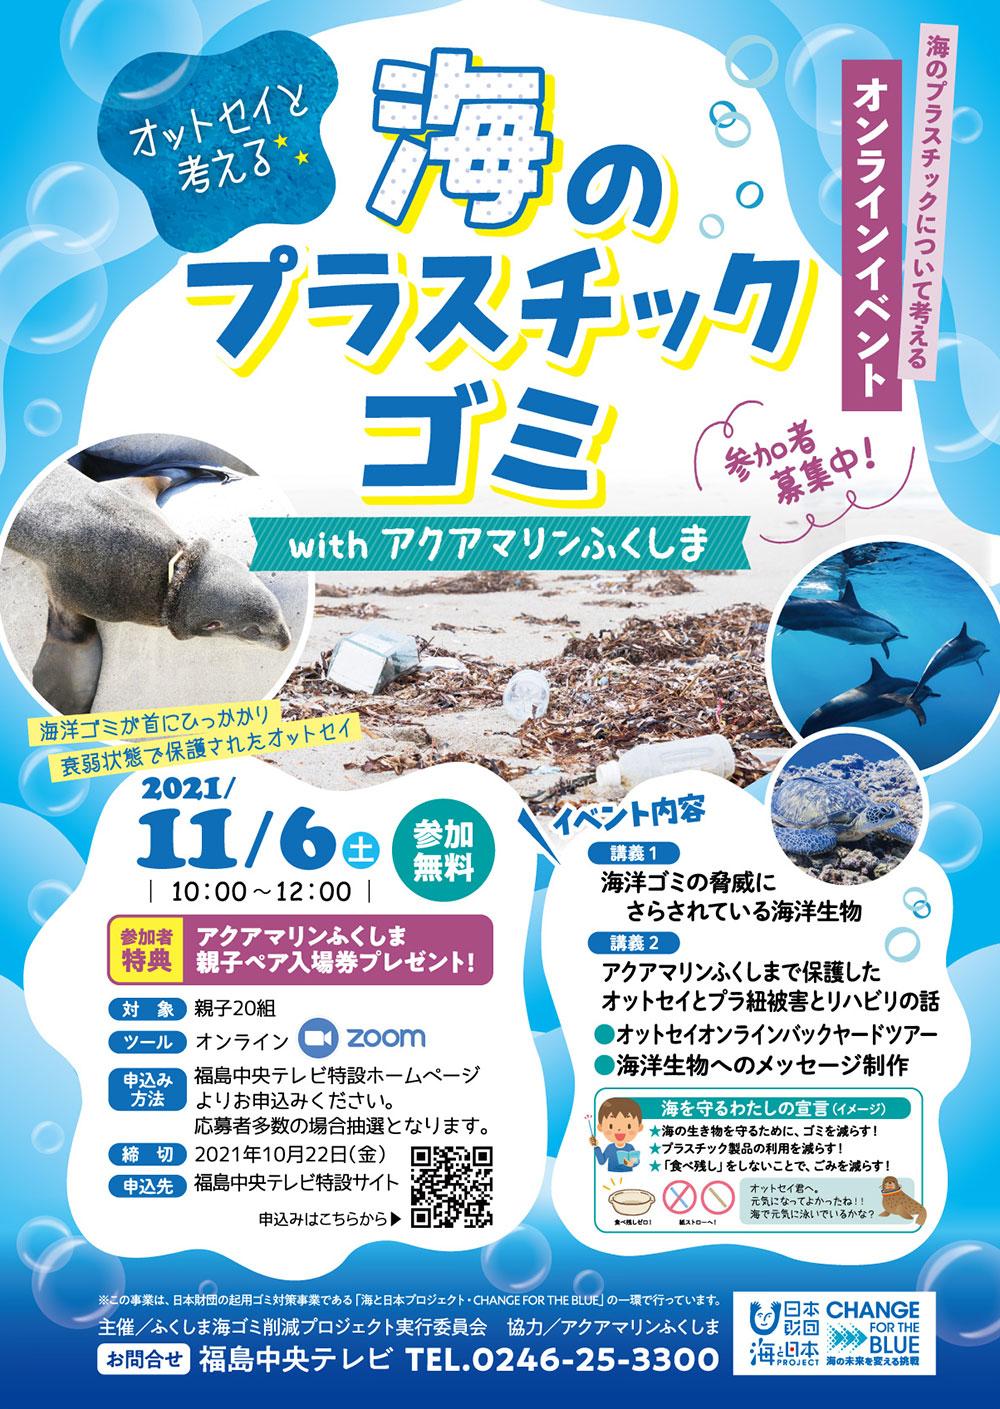 オットセイと考える海のプラスチックゴミ with アクアマリンふくしま